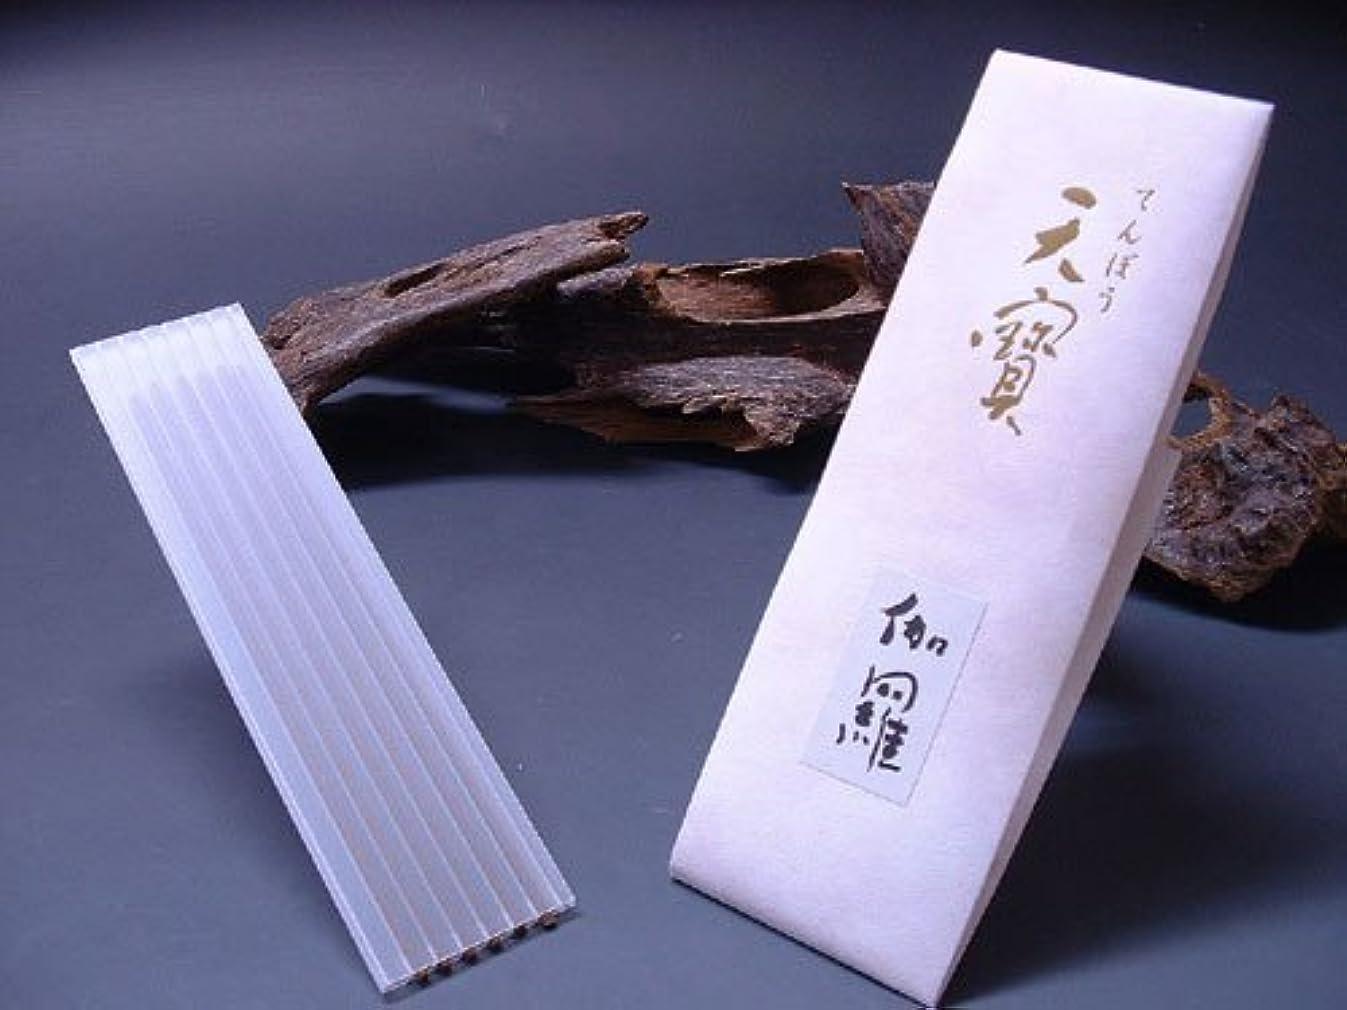 遡る減るフルーツ野菜薫寿堂のお香 天寶 伽羅 たとう紙 6本入